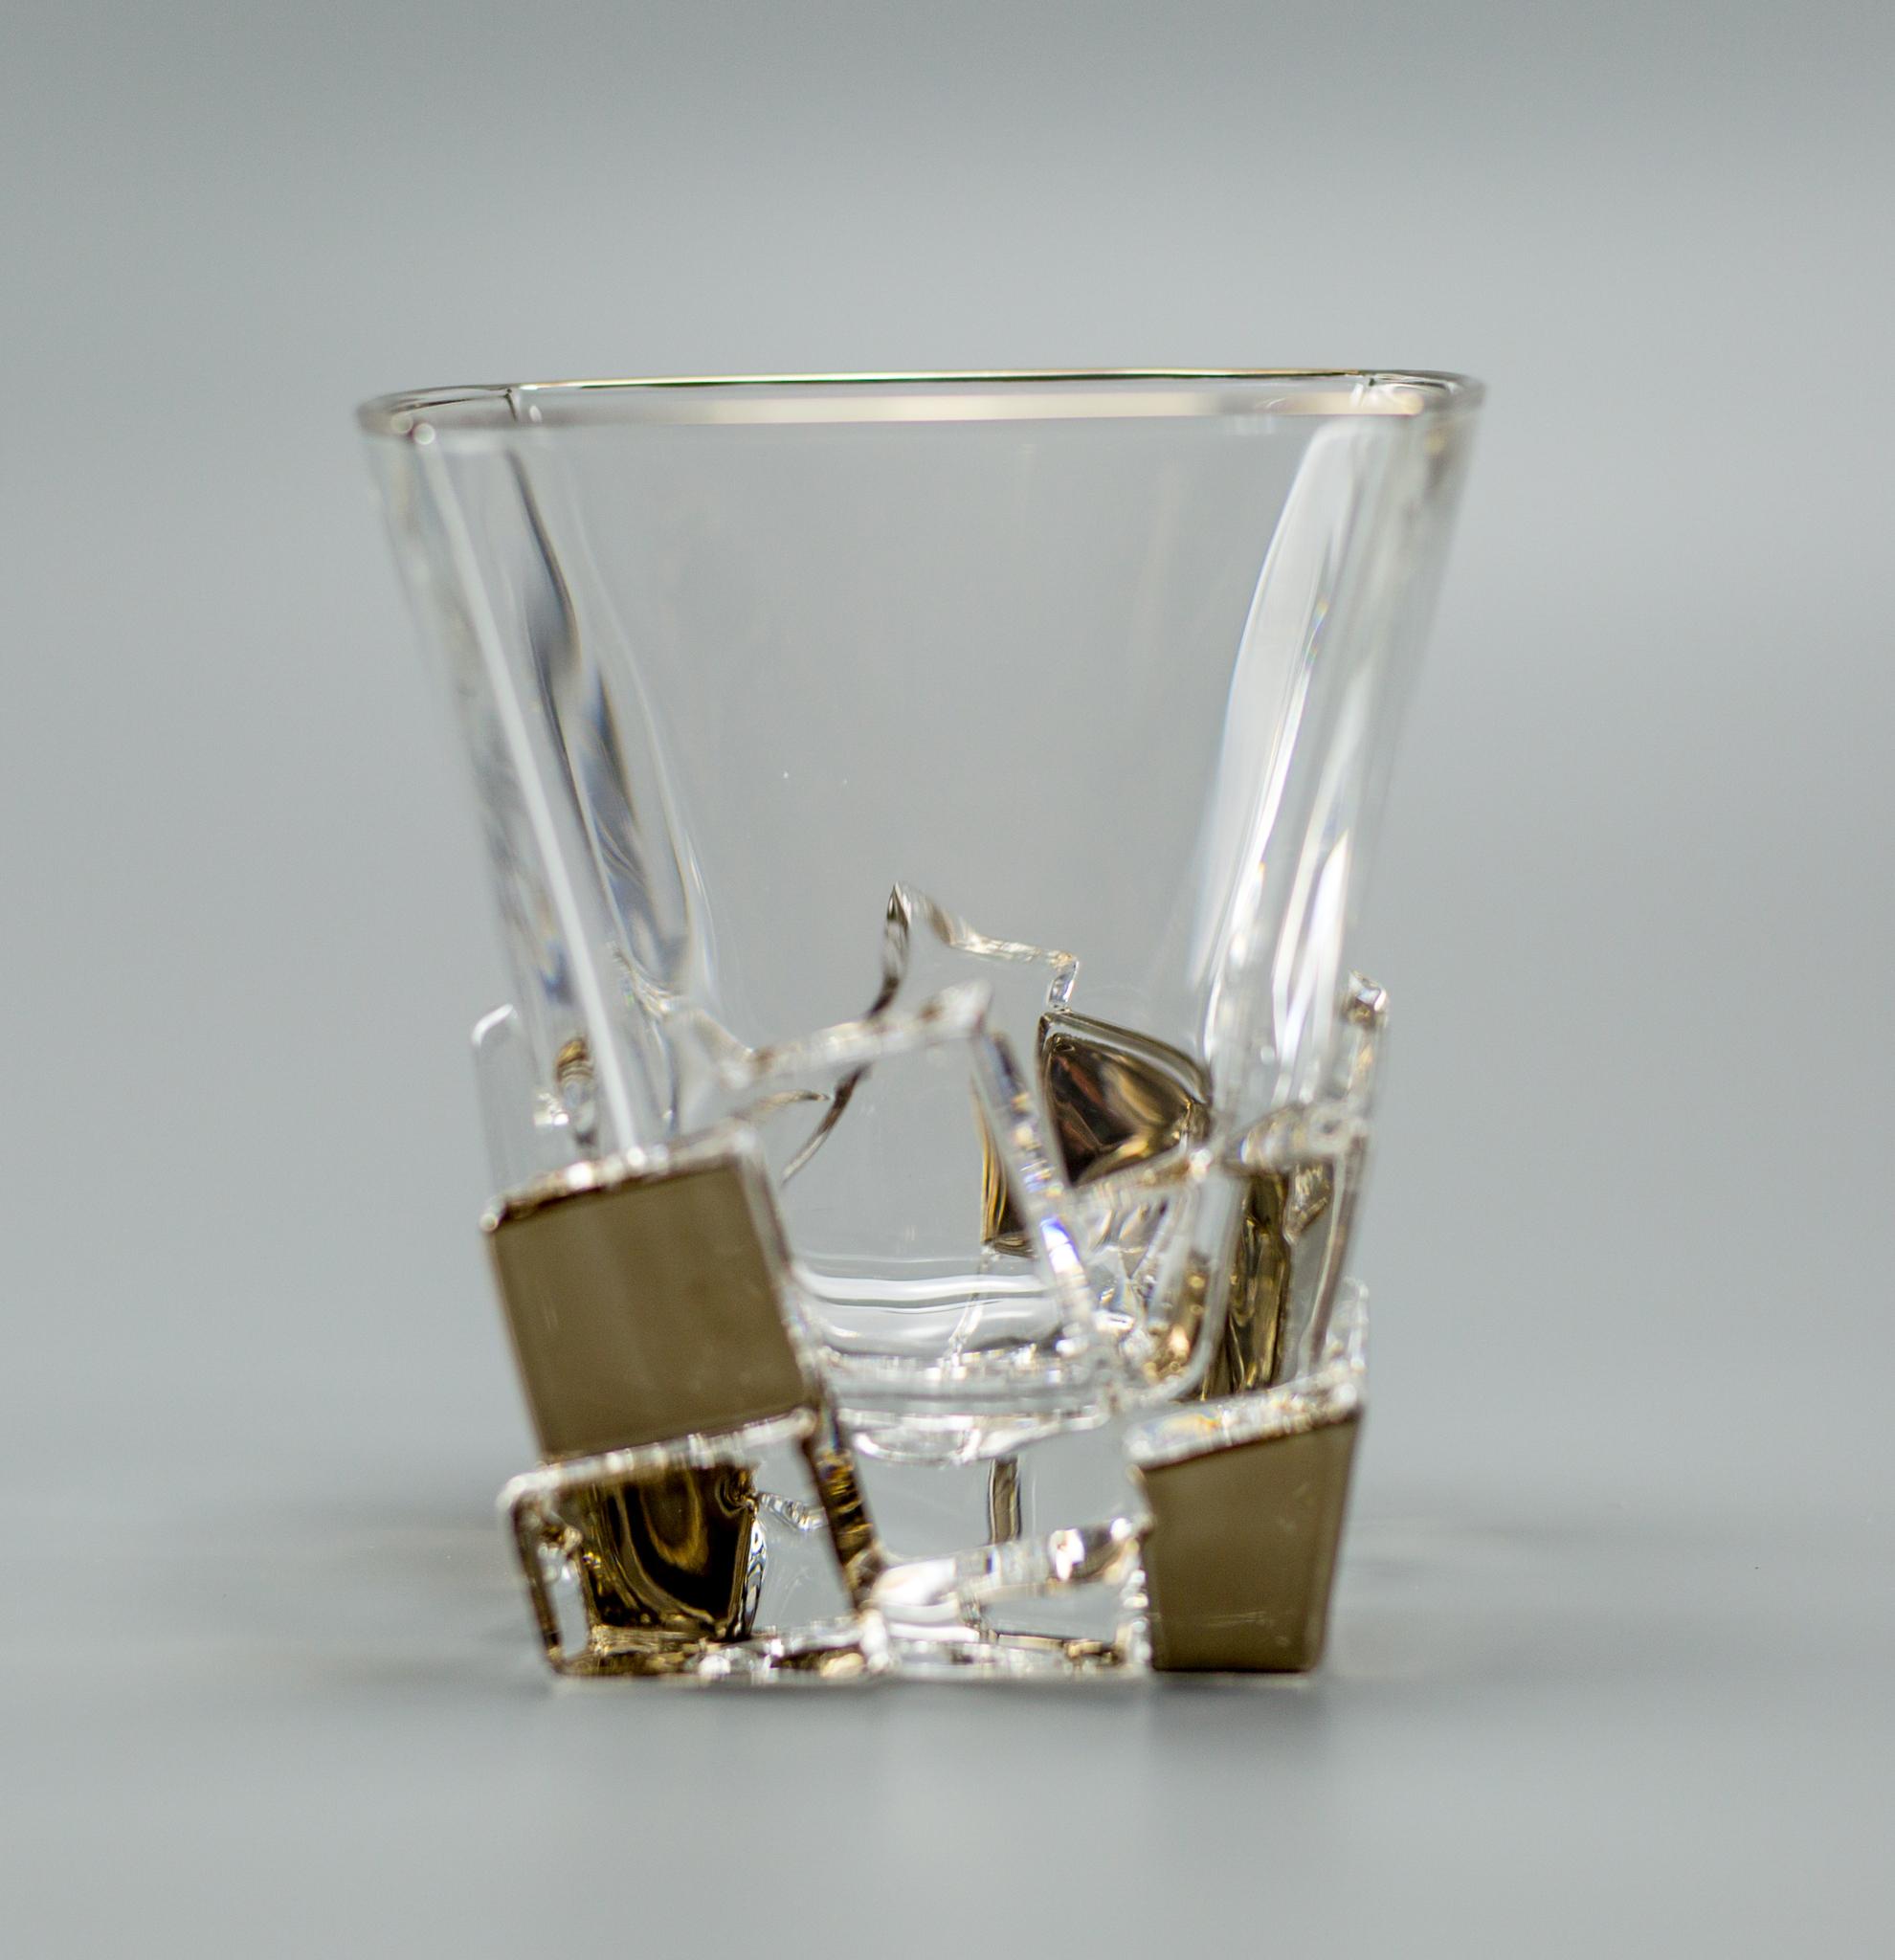 Набор стаканов для виски «Ice gold», 6 шт набор стаканов для виски 6 шт bohemia набор стаканов для виски 6 шт